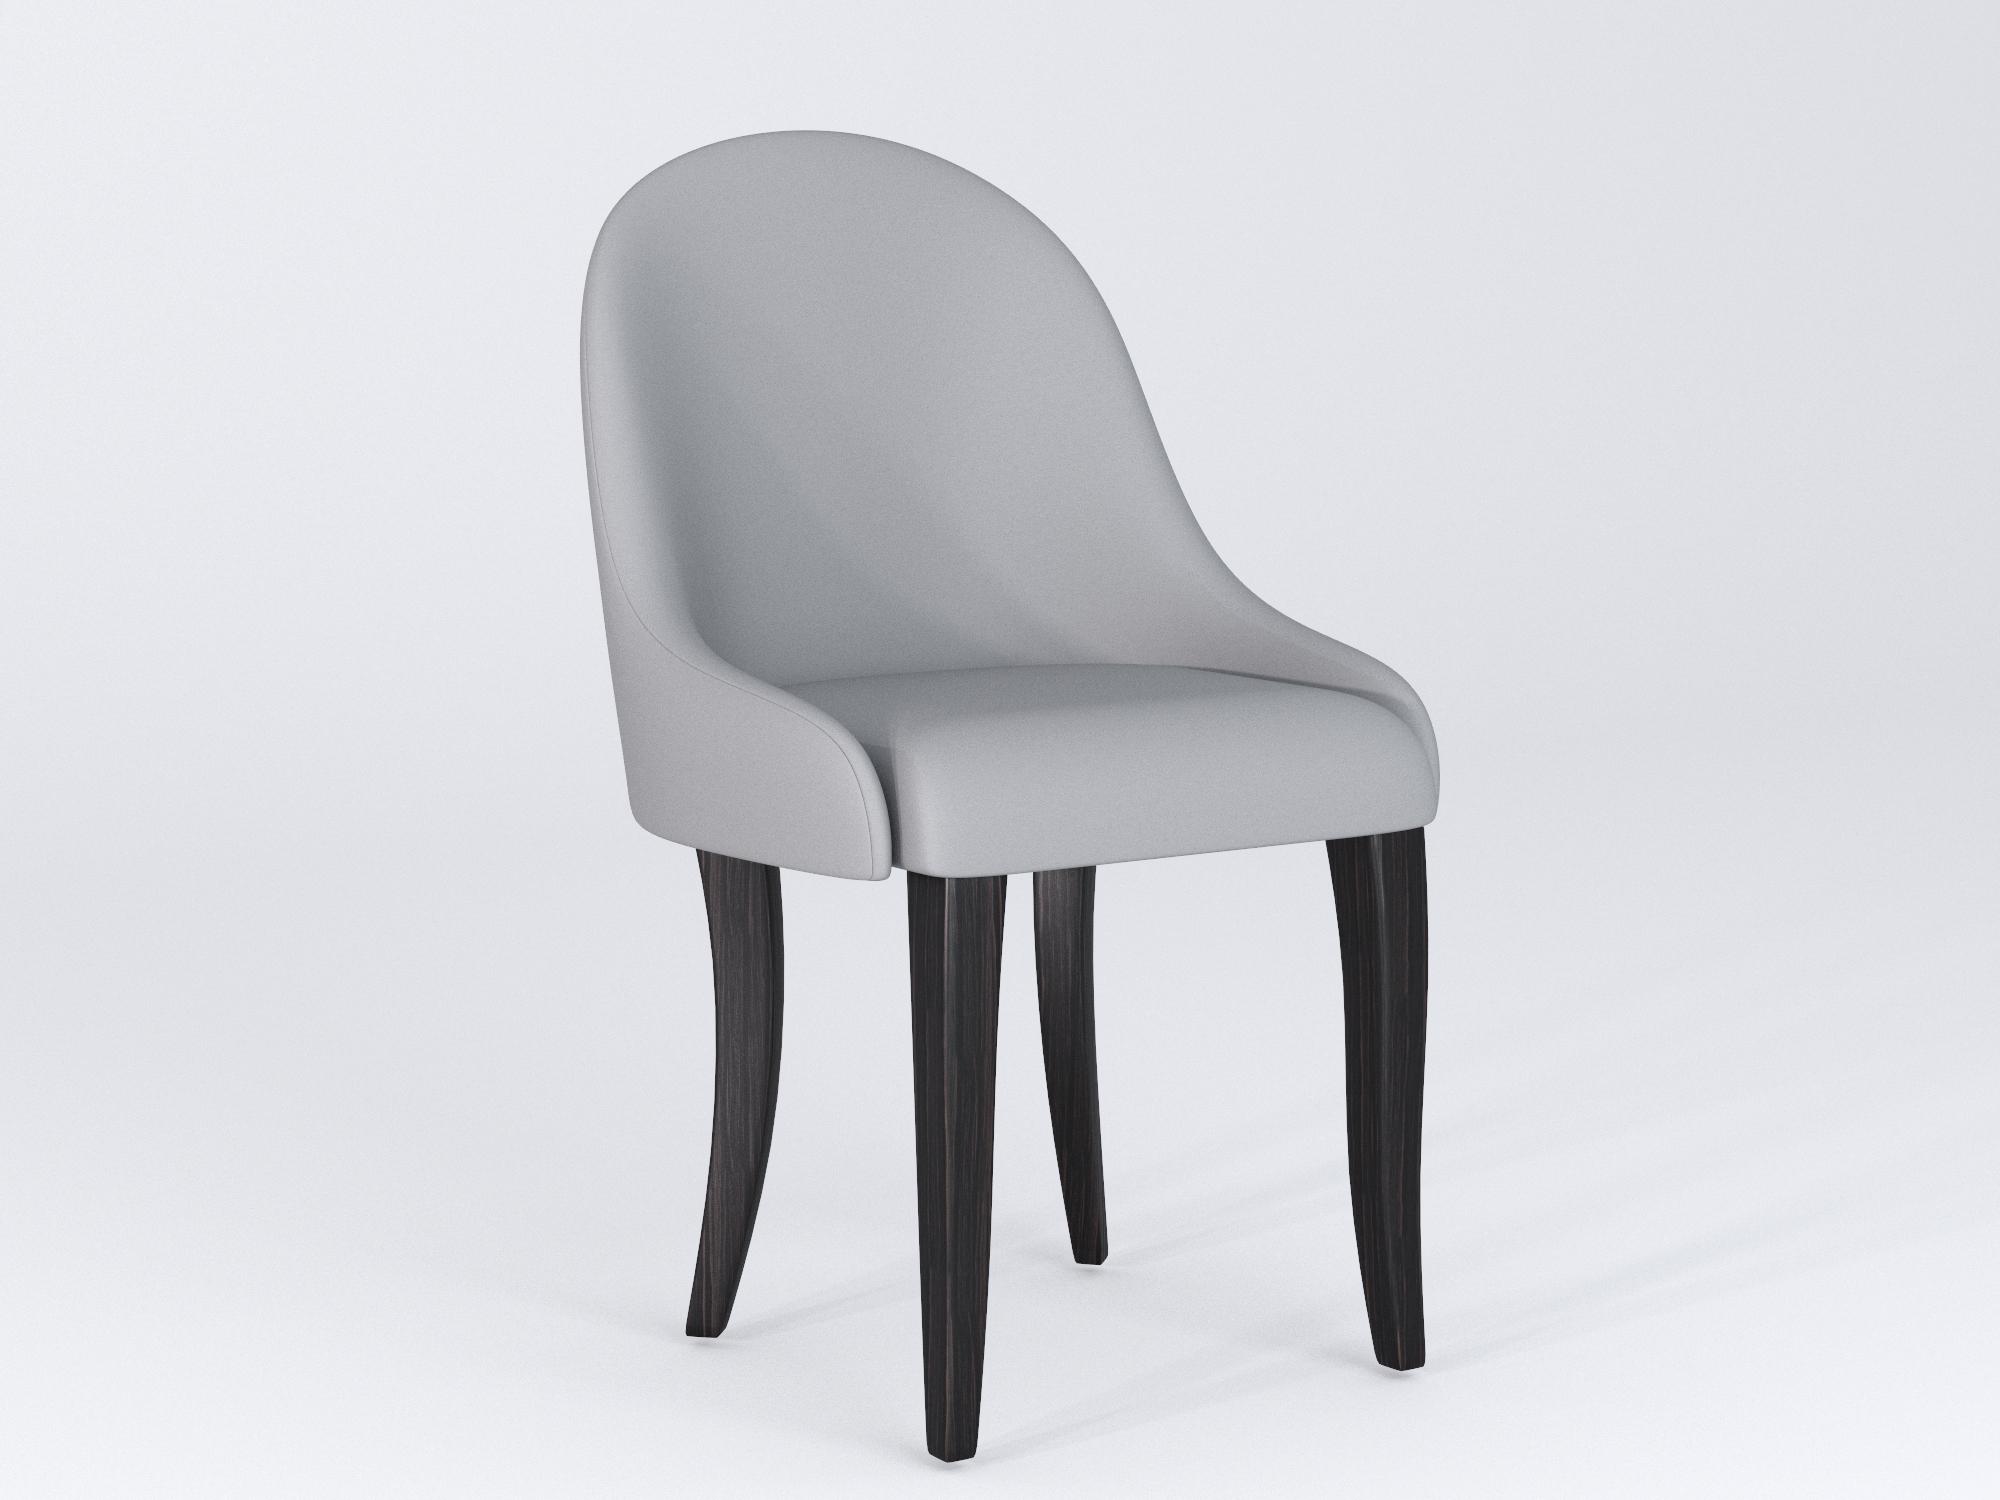 Стул интерьерный Эстет roomble стул lordinio серый